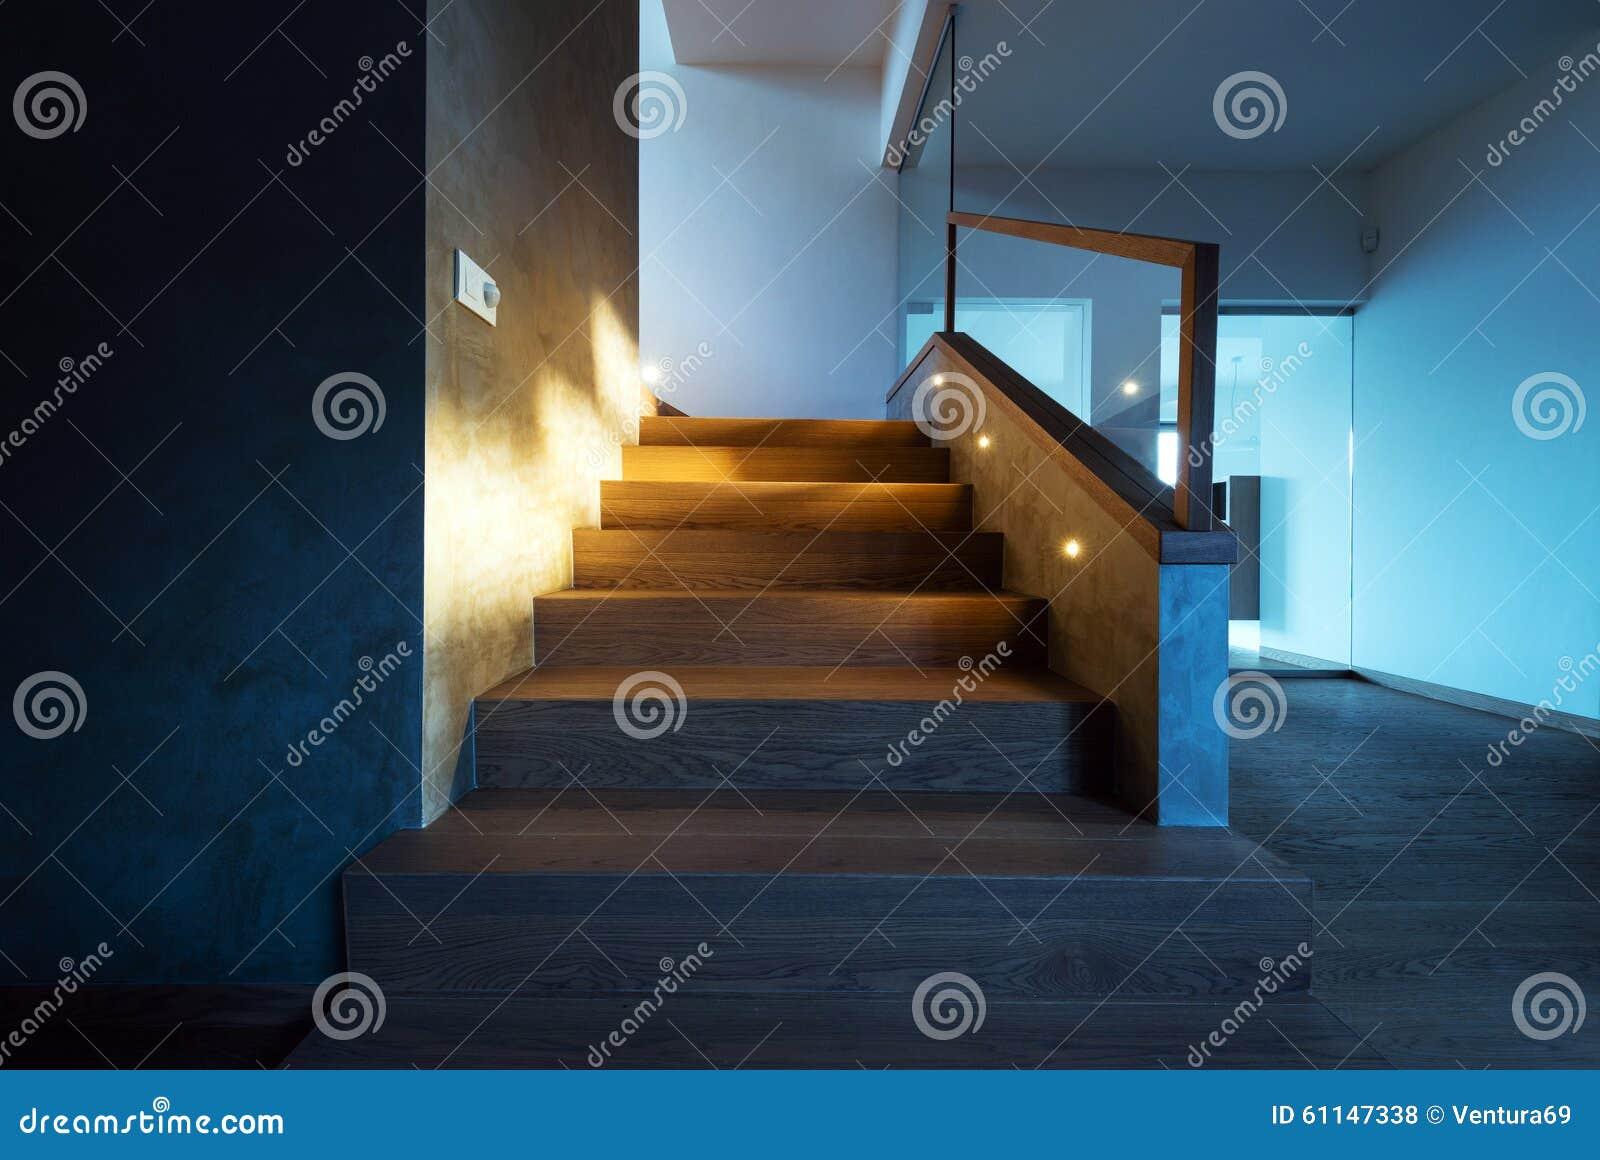 Lichten die de trap in modern huisbinnenland verlichten stock foto